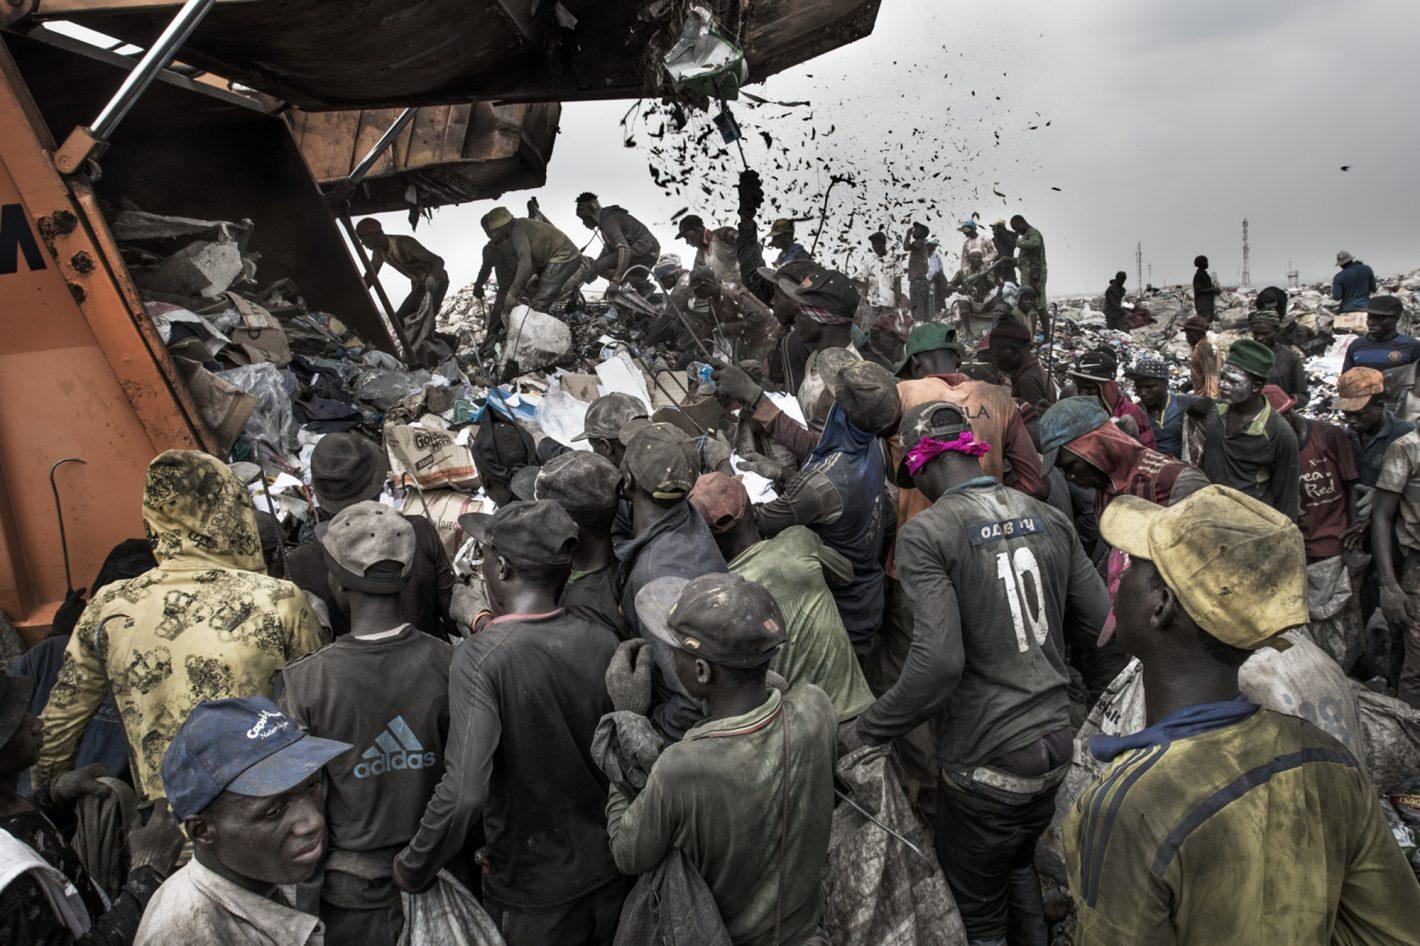 Des habitants de Lagos fouillant une benne à ordures. Photo prise avec le D500 + AF-S NIKKOR 17-35mm f/2.8D IF-ED | 1/250 s | f/13 | ISO 160 | © Kadir van Lohuizen